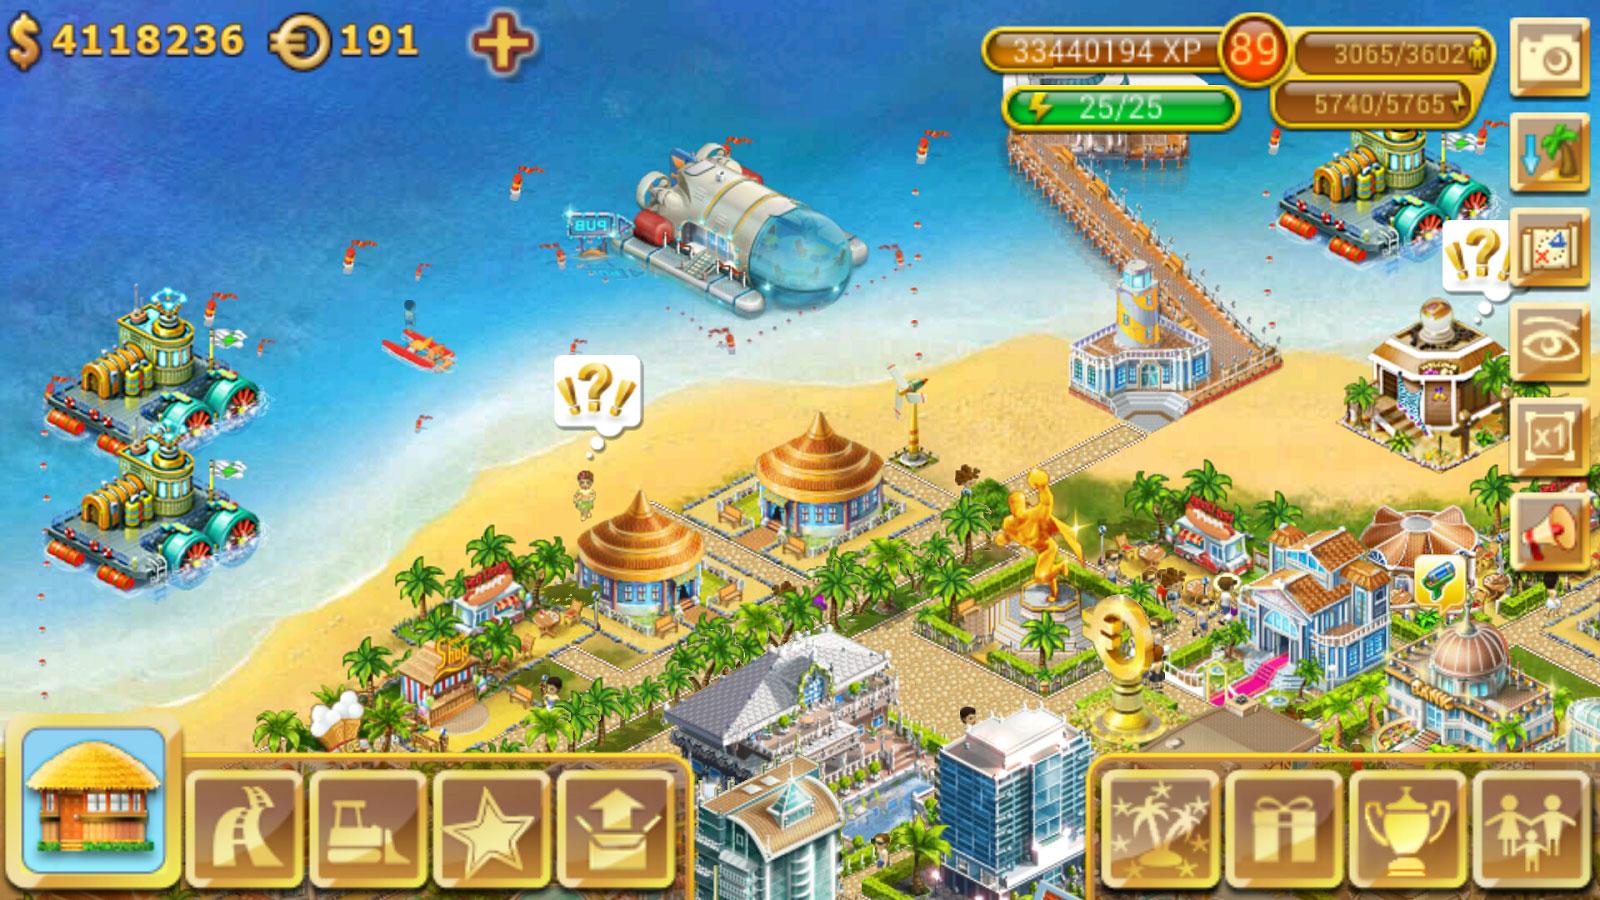 دانلود Paradise Island 4.0.8 – بازی استراتژی جزیره بهشتی اندروید !